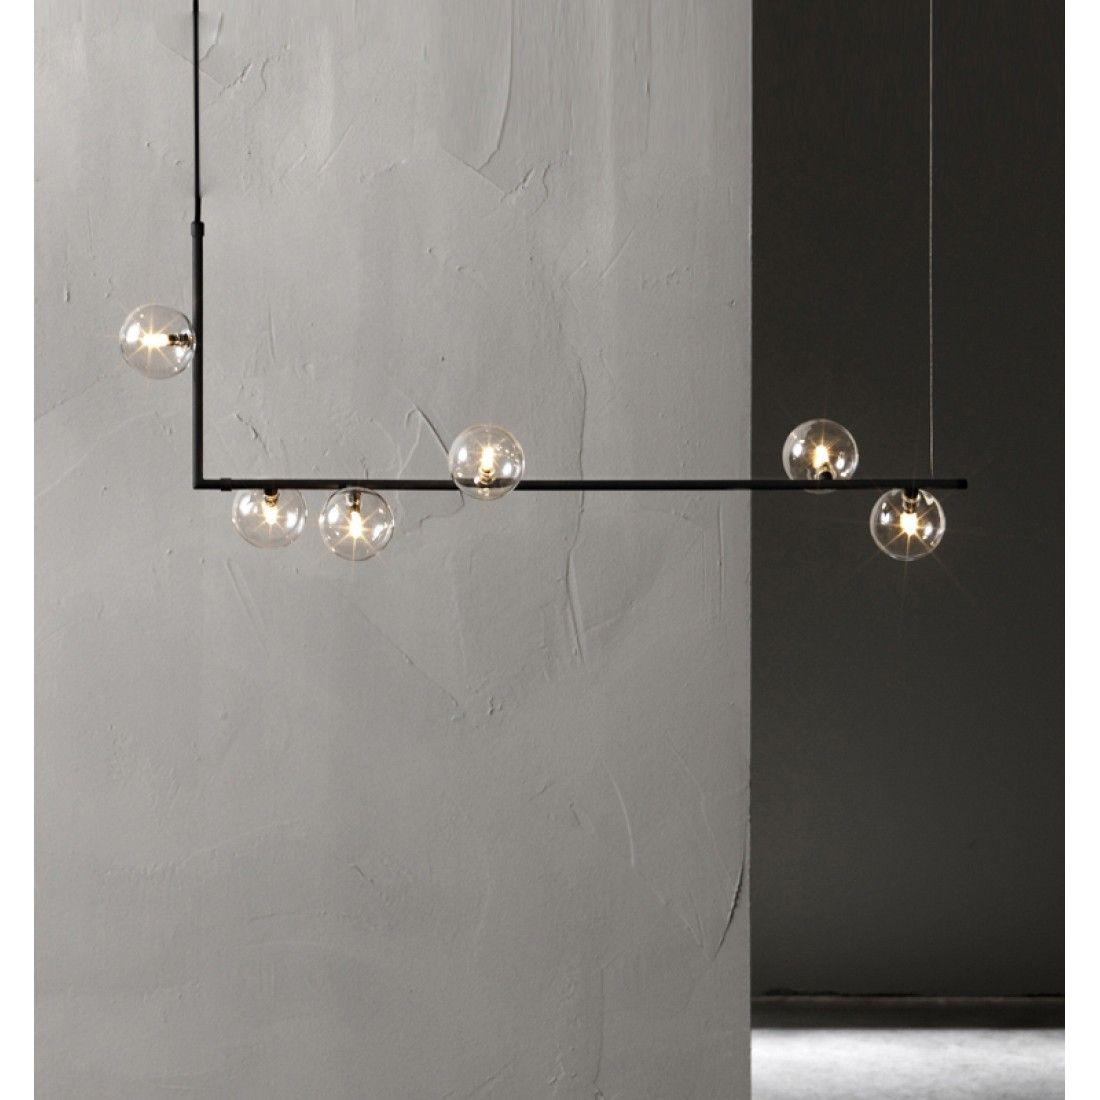 Shop Elegant Chandelier Lighting & Hanging Light Fixtures